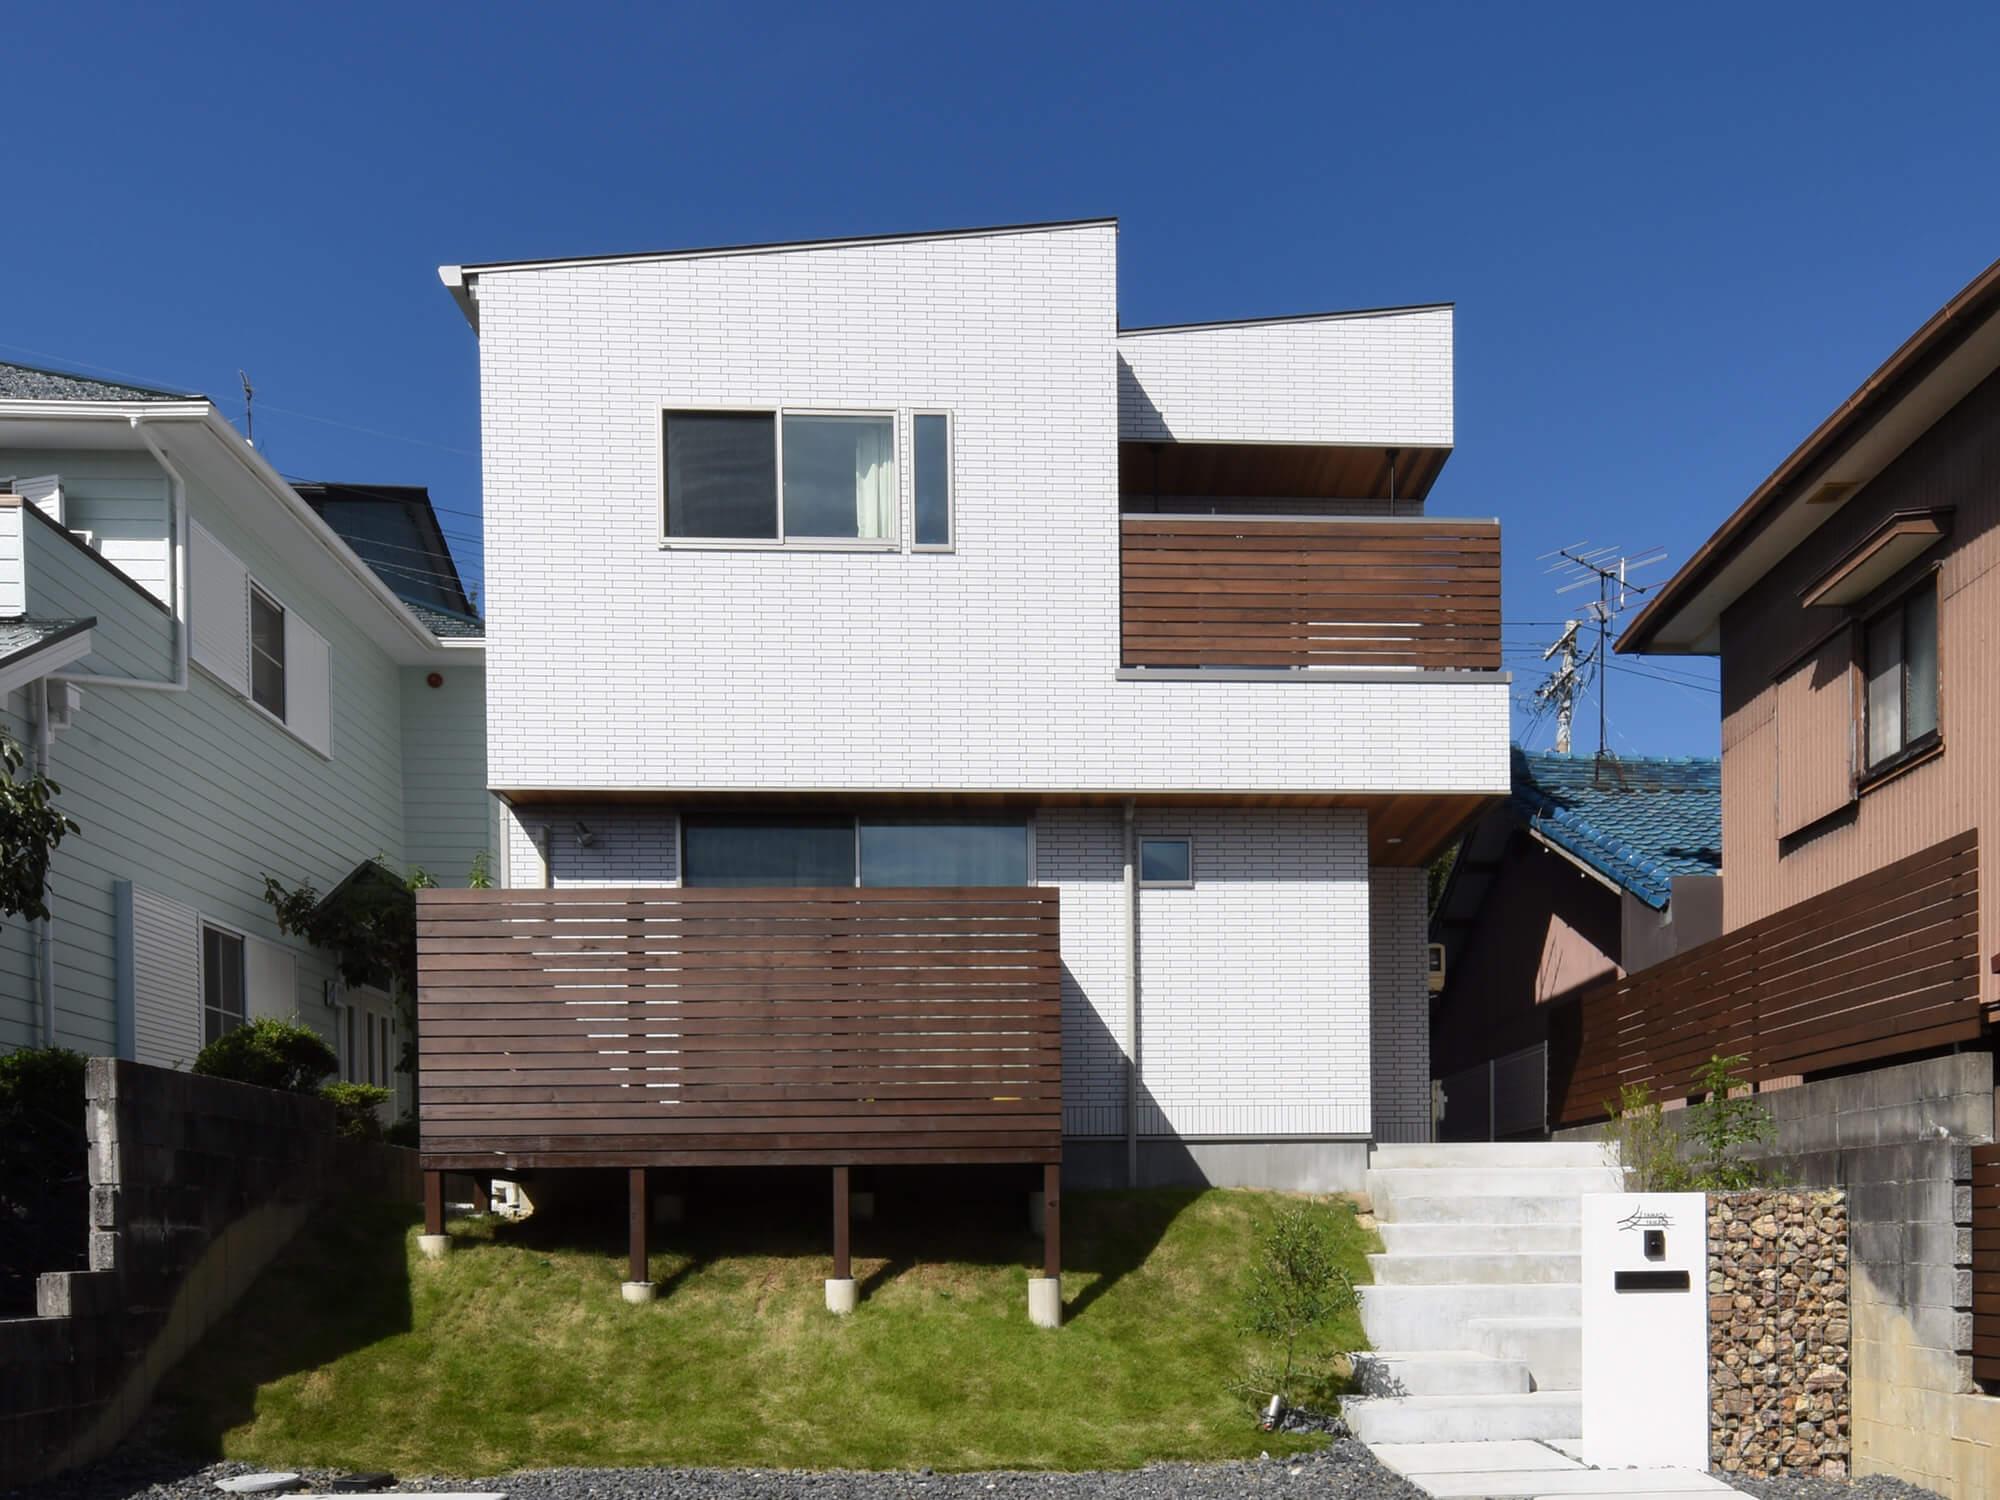 高台の家07|瀬戸市|建築家×工務店のNatureスペース注文住宅施工事例